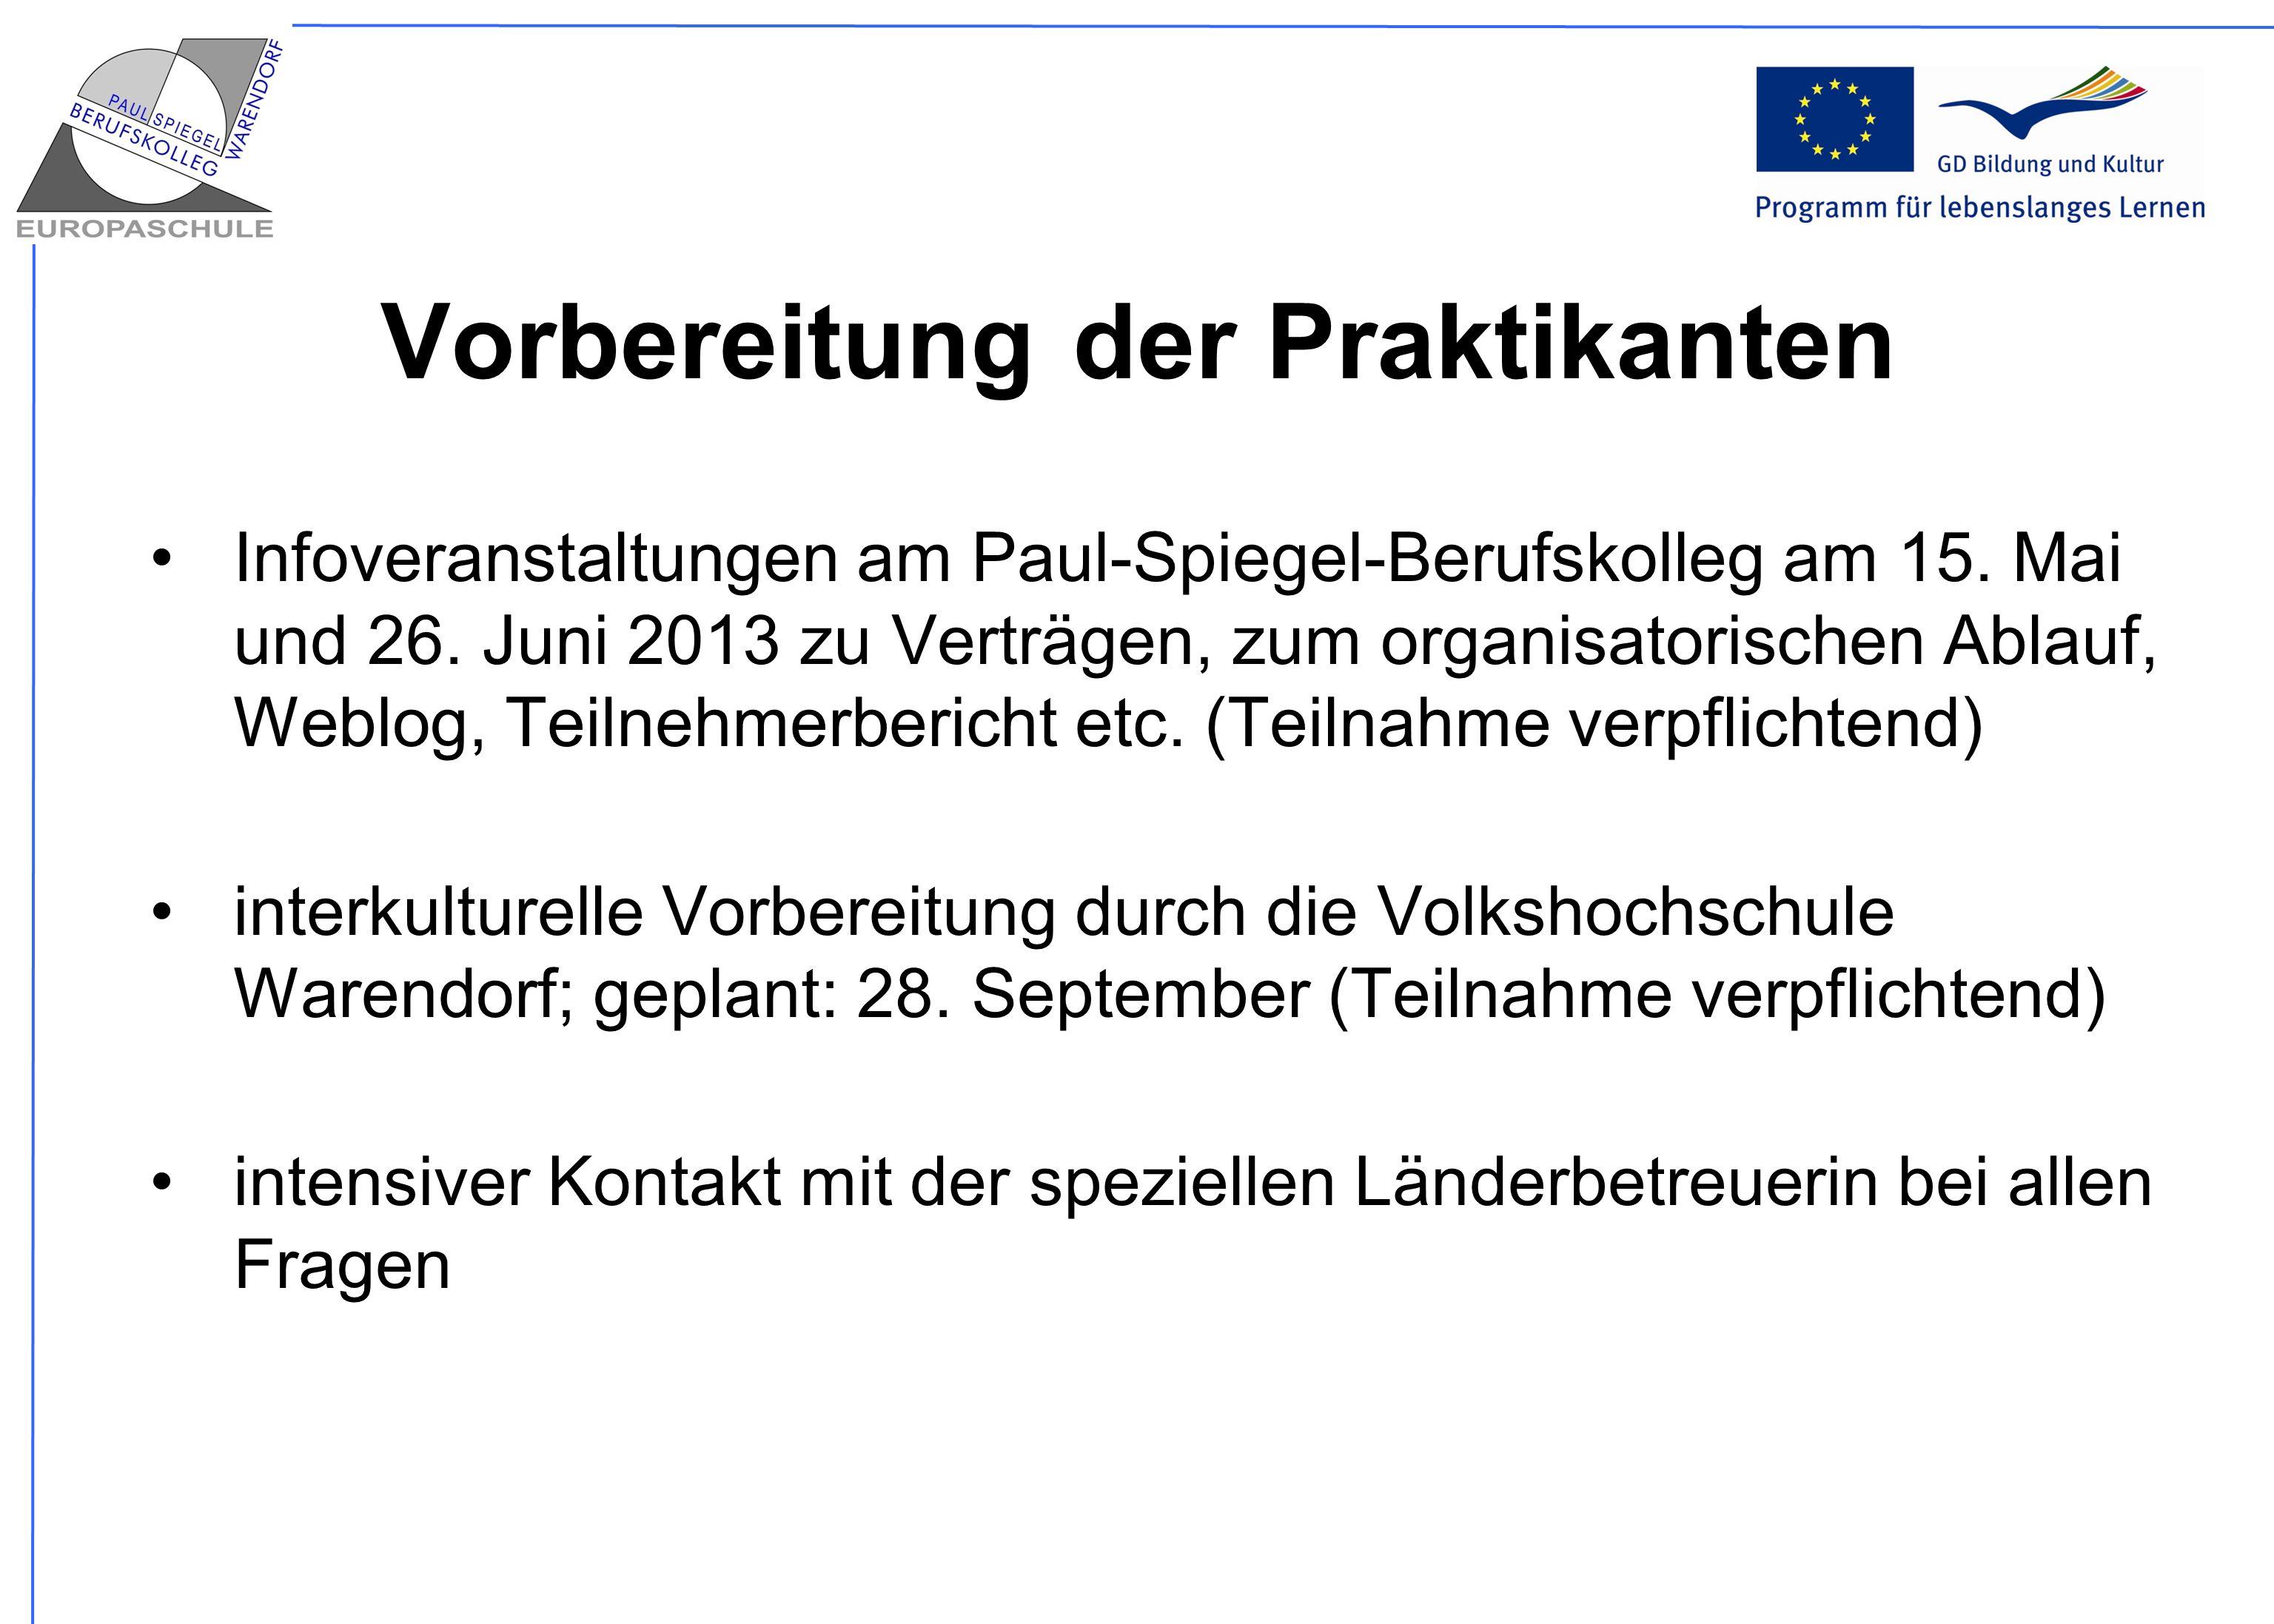 Vorbereitung der Praktikanten Infoveranstaltungen am Paul-Spiegel-Berufskolleg am 15. Mai und 26. Juni 2013 zu Verträgen, zum organisatorischen Ablauf